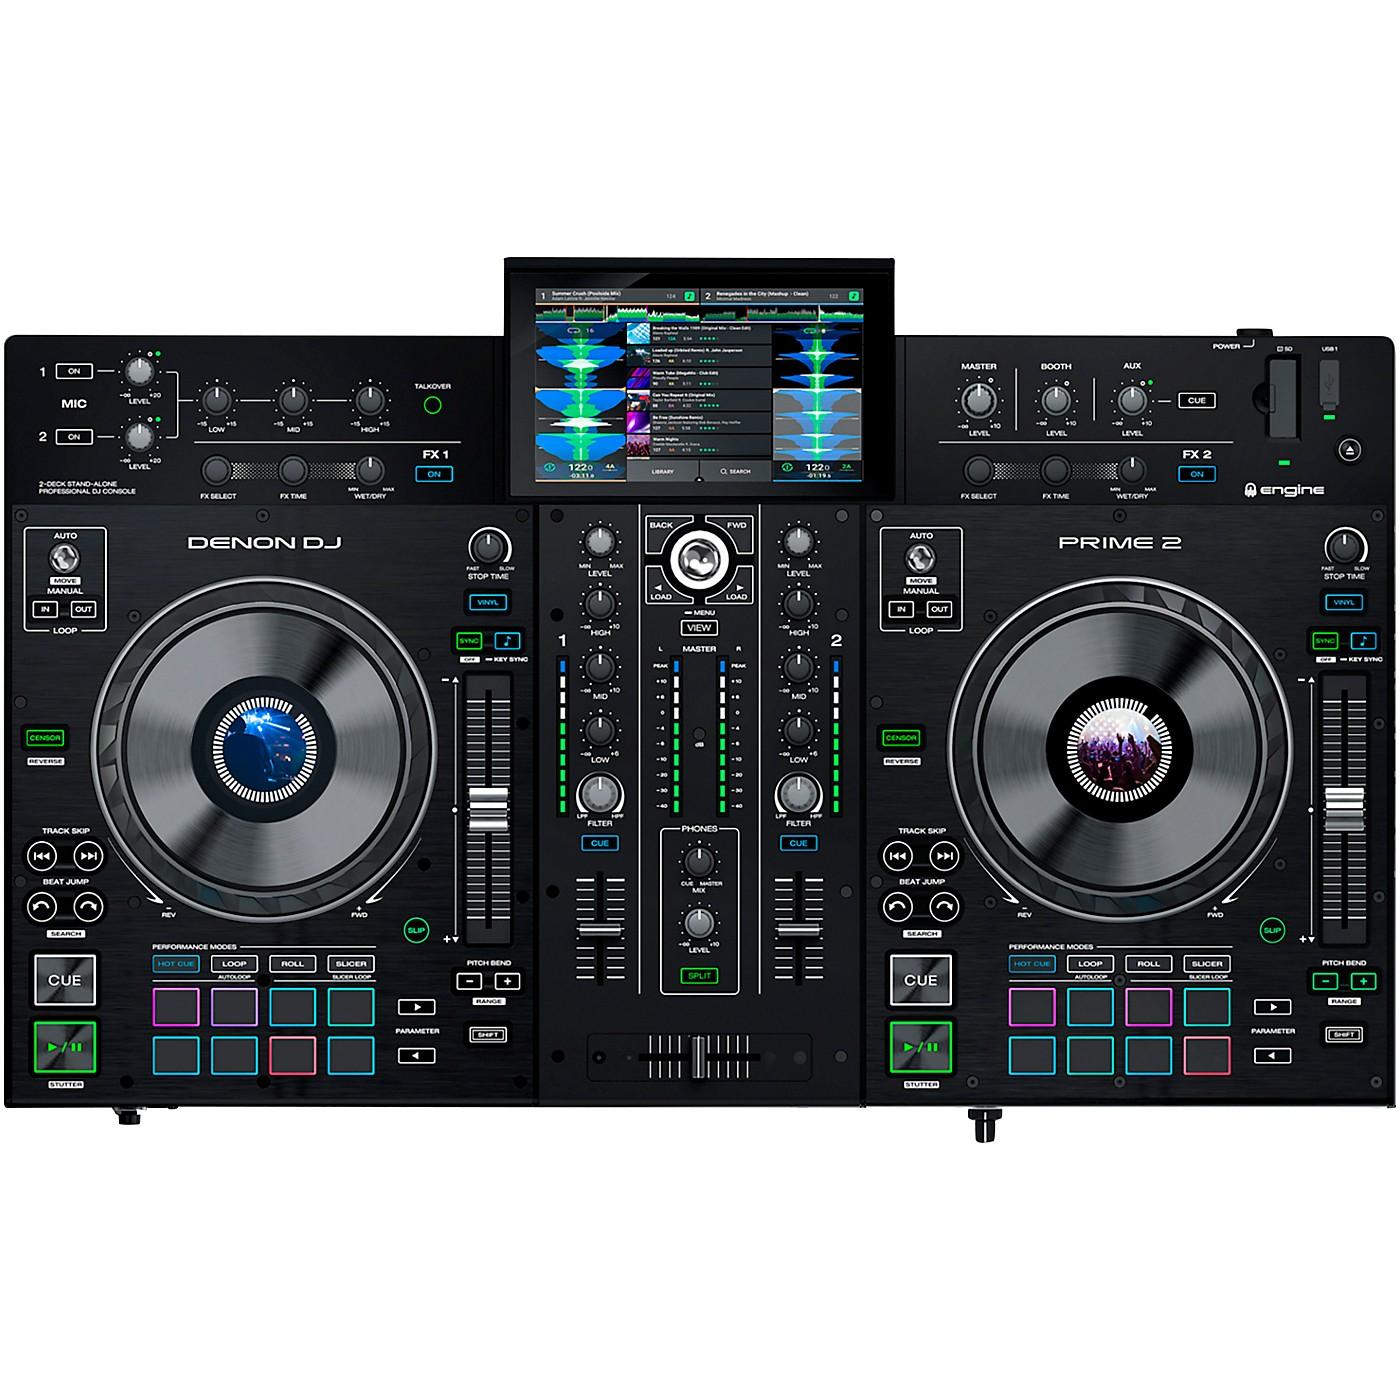 Denon DJ Prime 2 Standalone 2-Channel DJ Controller thumbnail